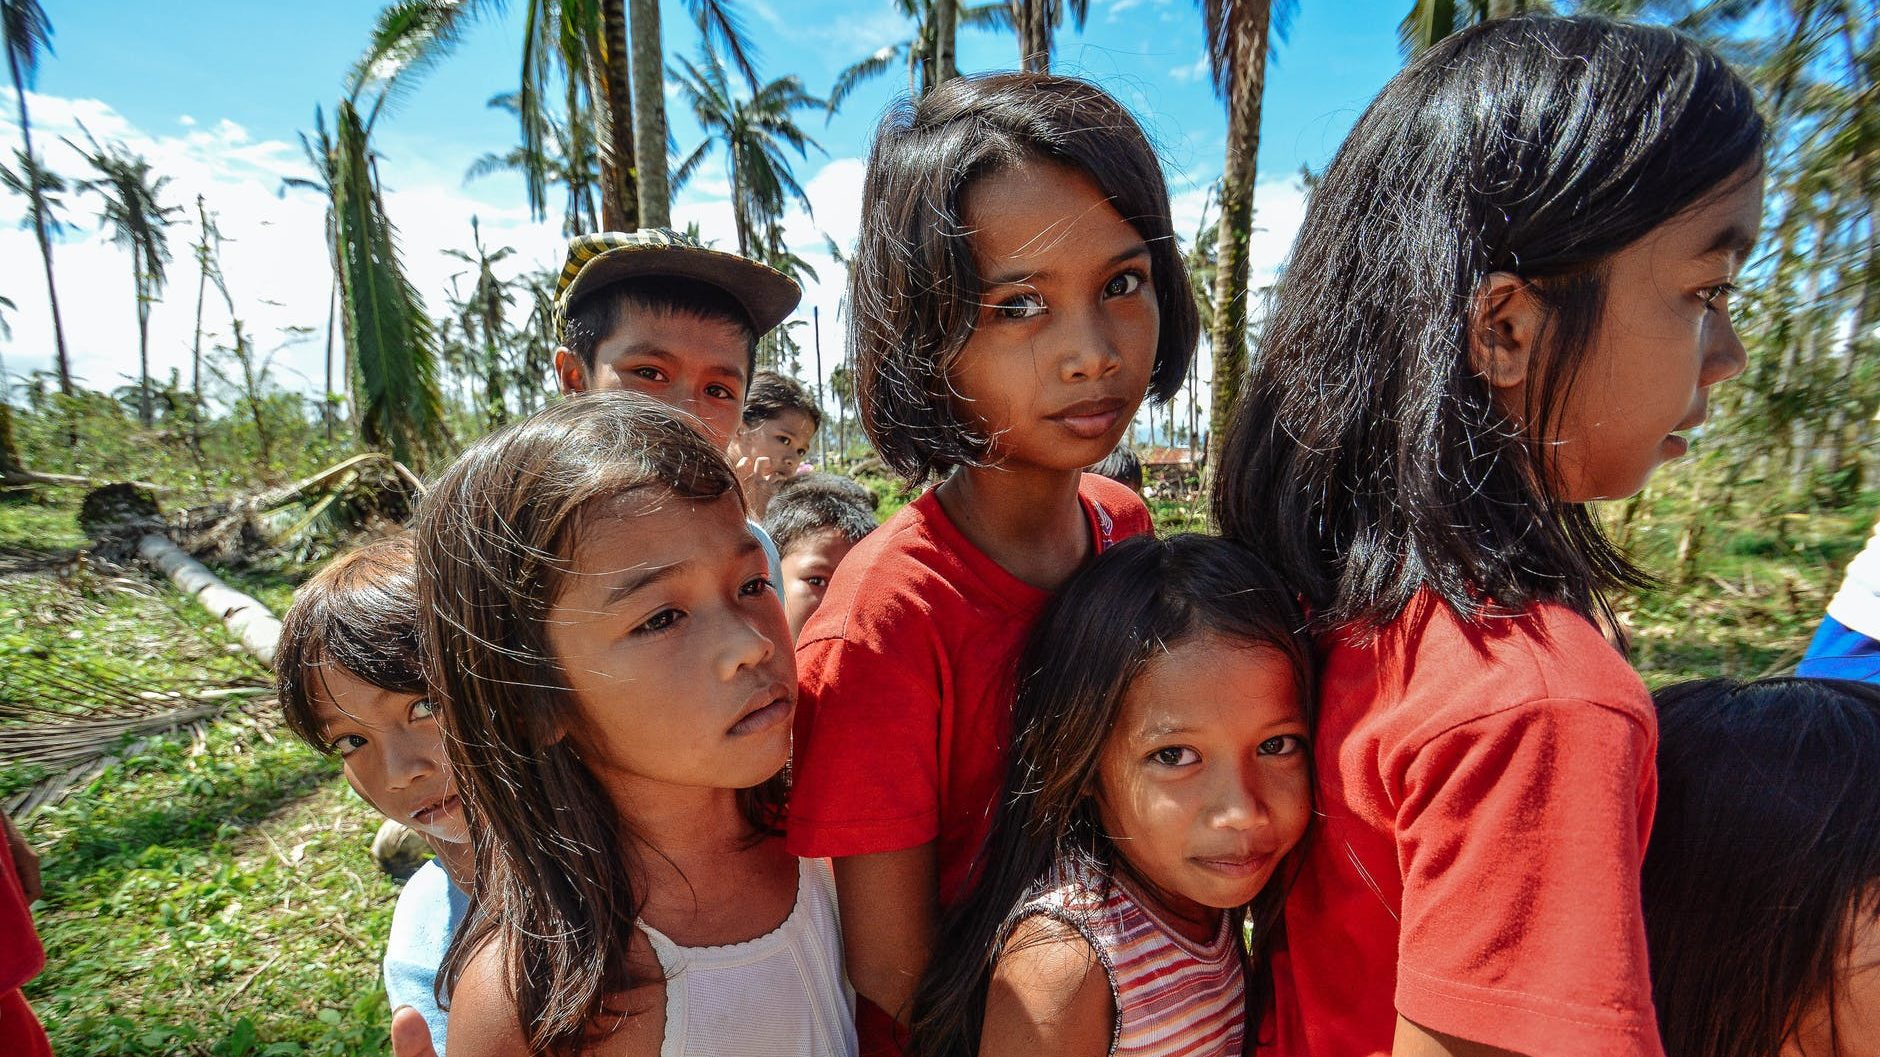 Un tercio de los niños del mundo están intoxicados con plomo: Unicef